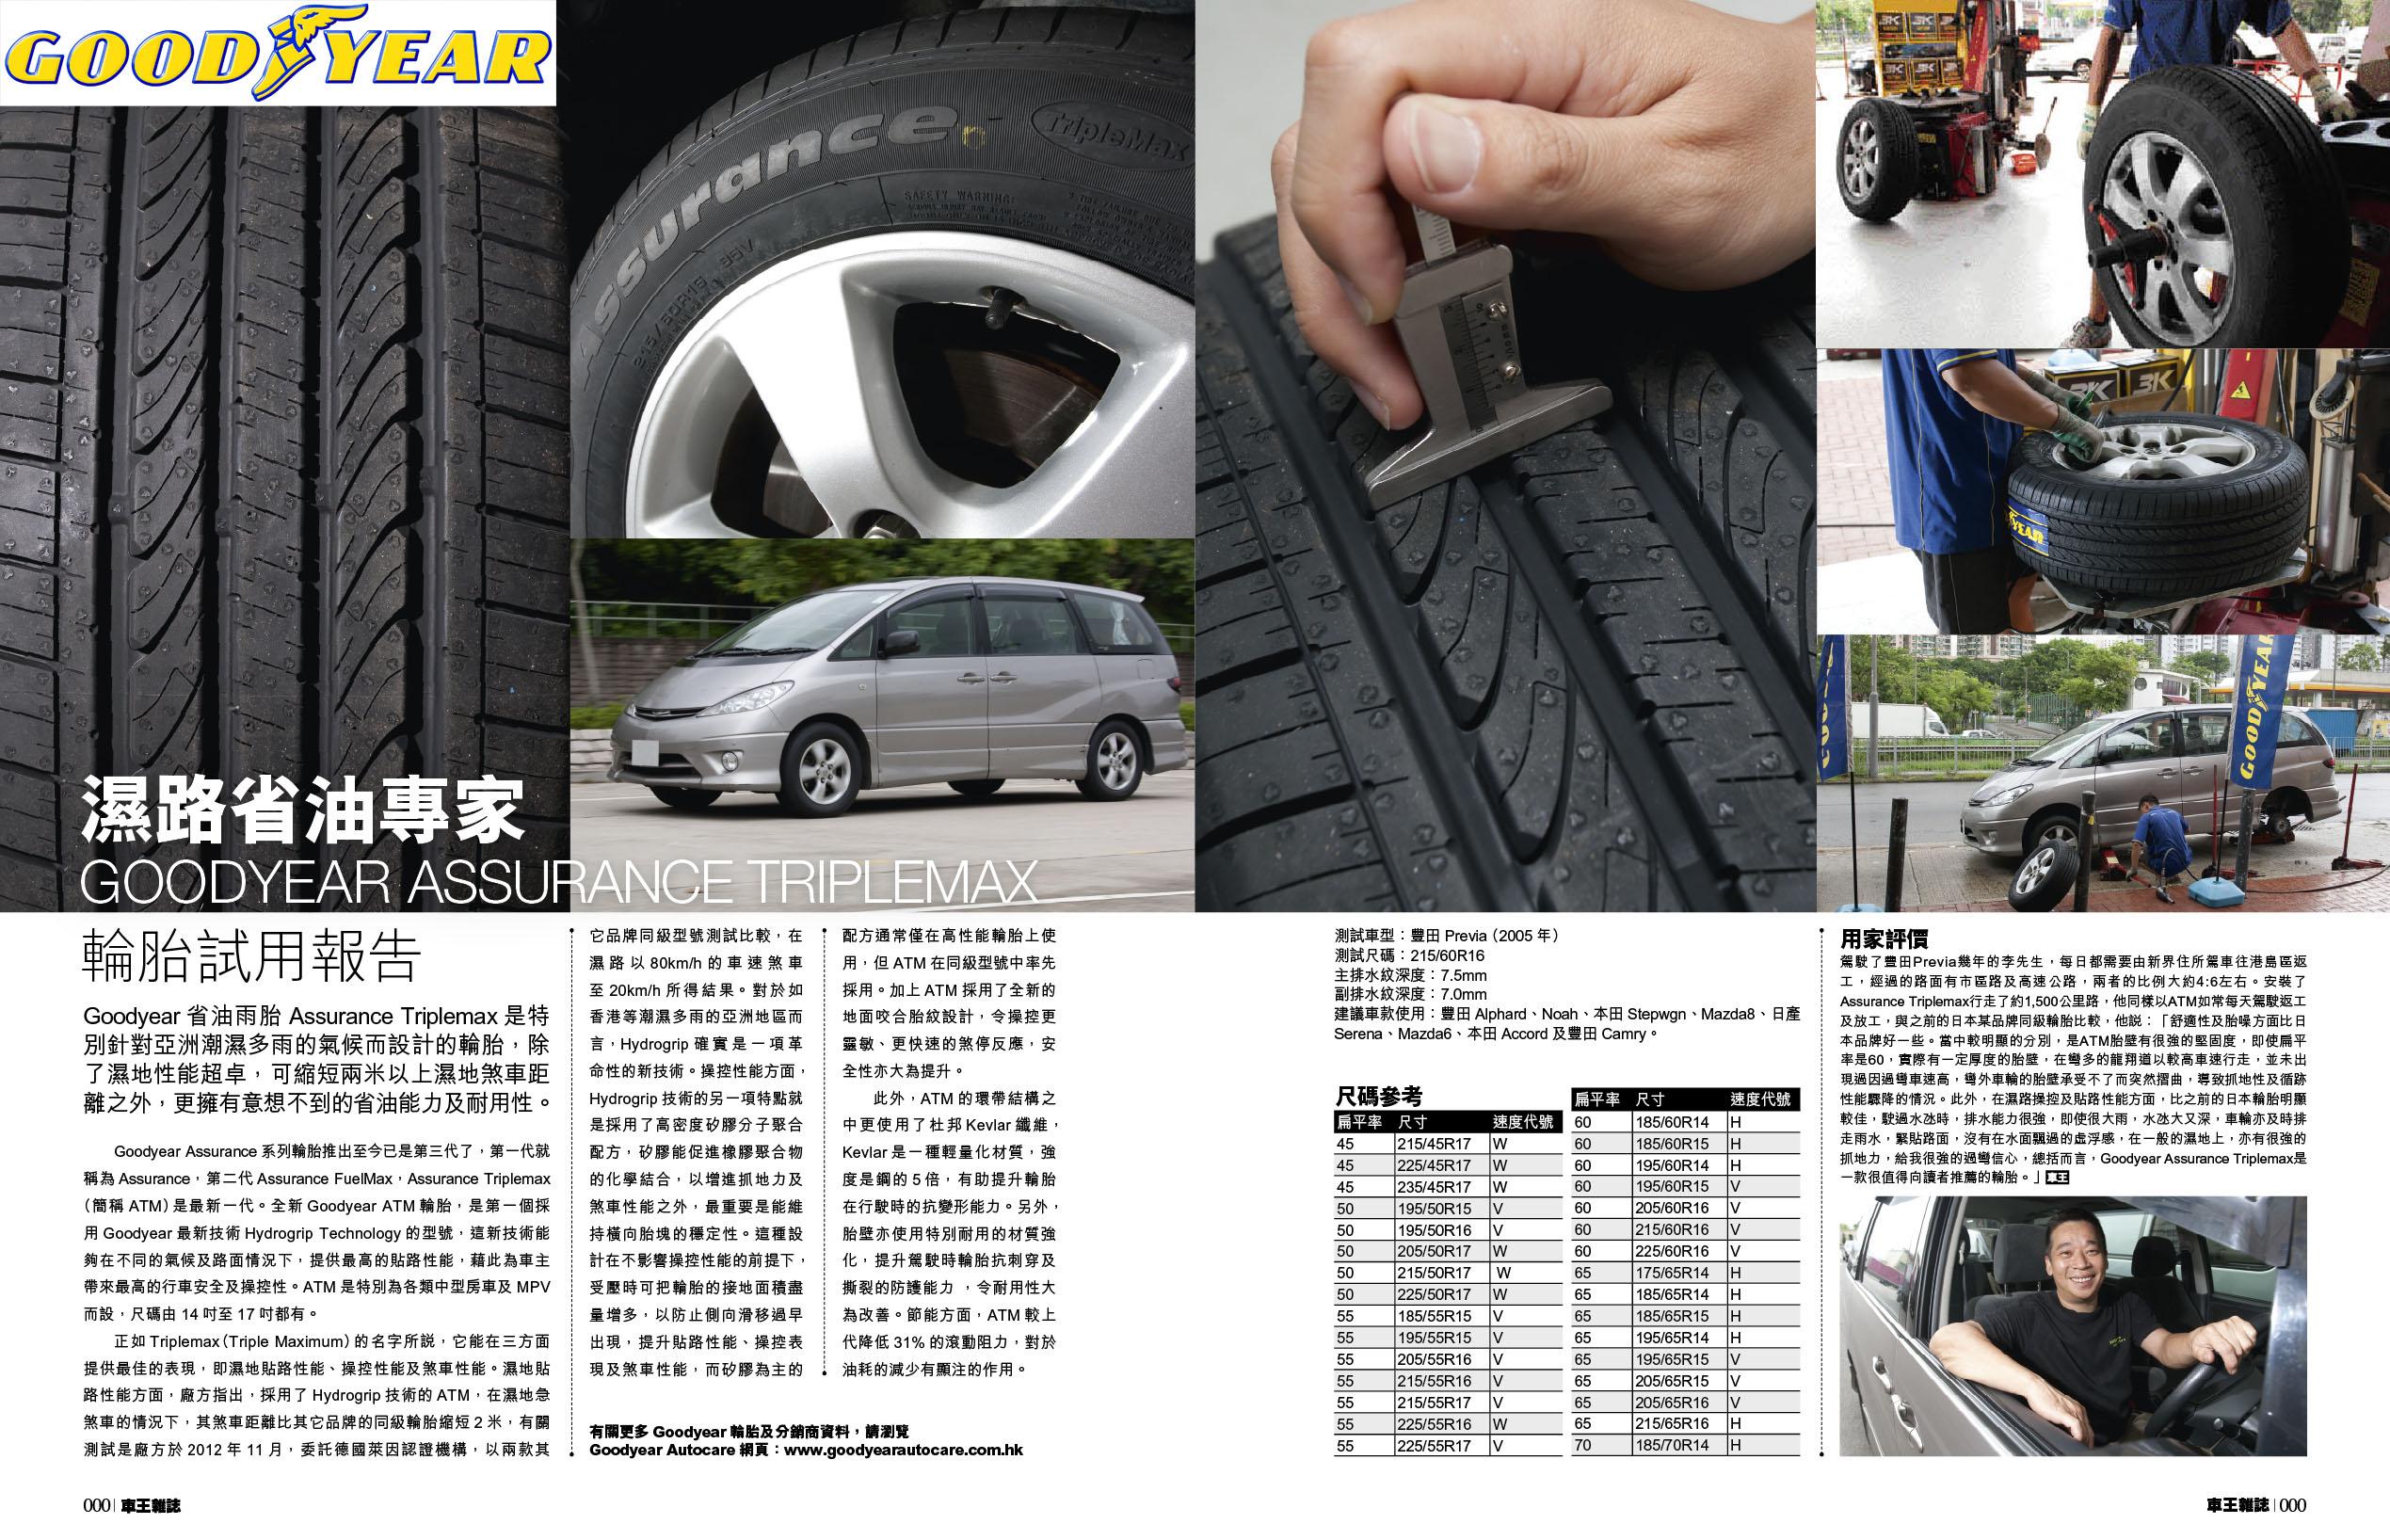 車王雜誌CarPlus 2014年09月13日 - 濕路省油專家 GOODYEAR ASSURANCE TRIPLEMAX